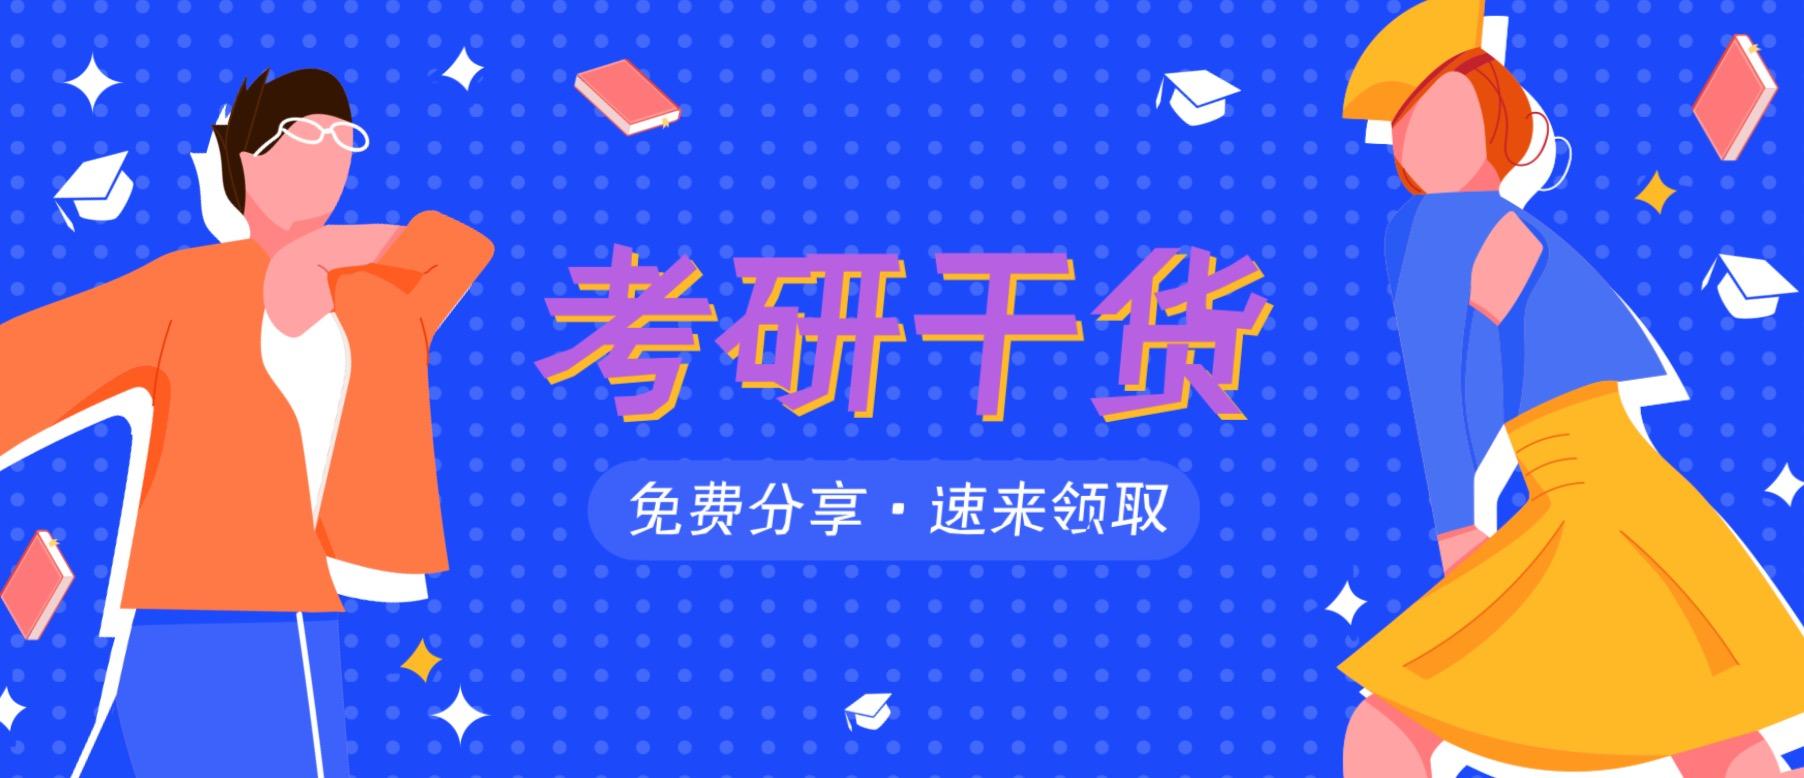 2020考研学习软件推荐